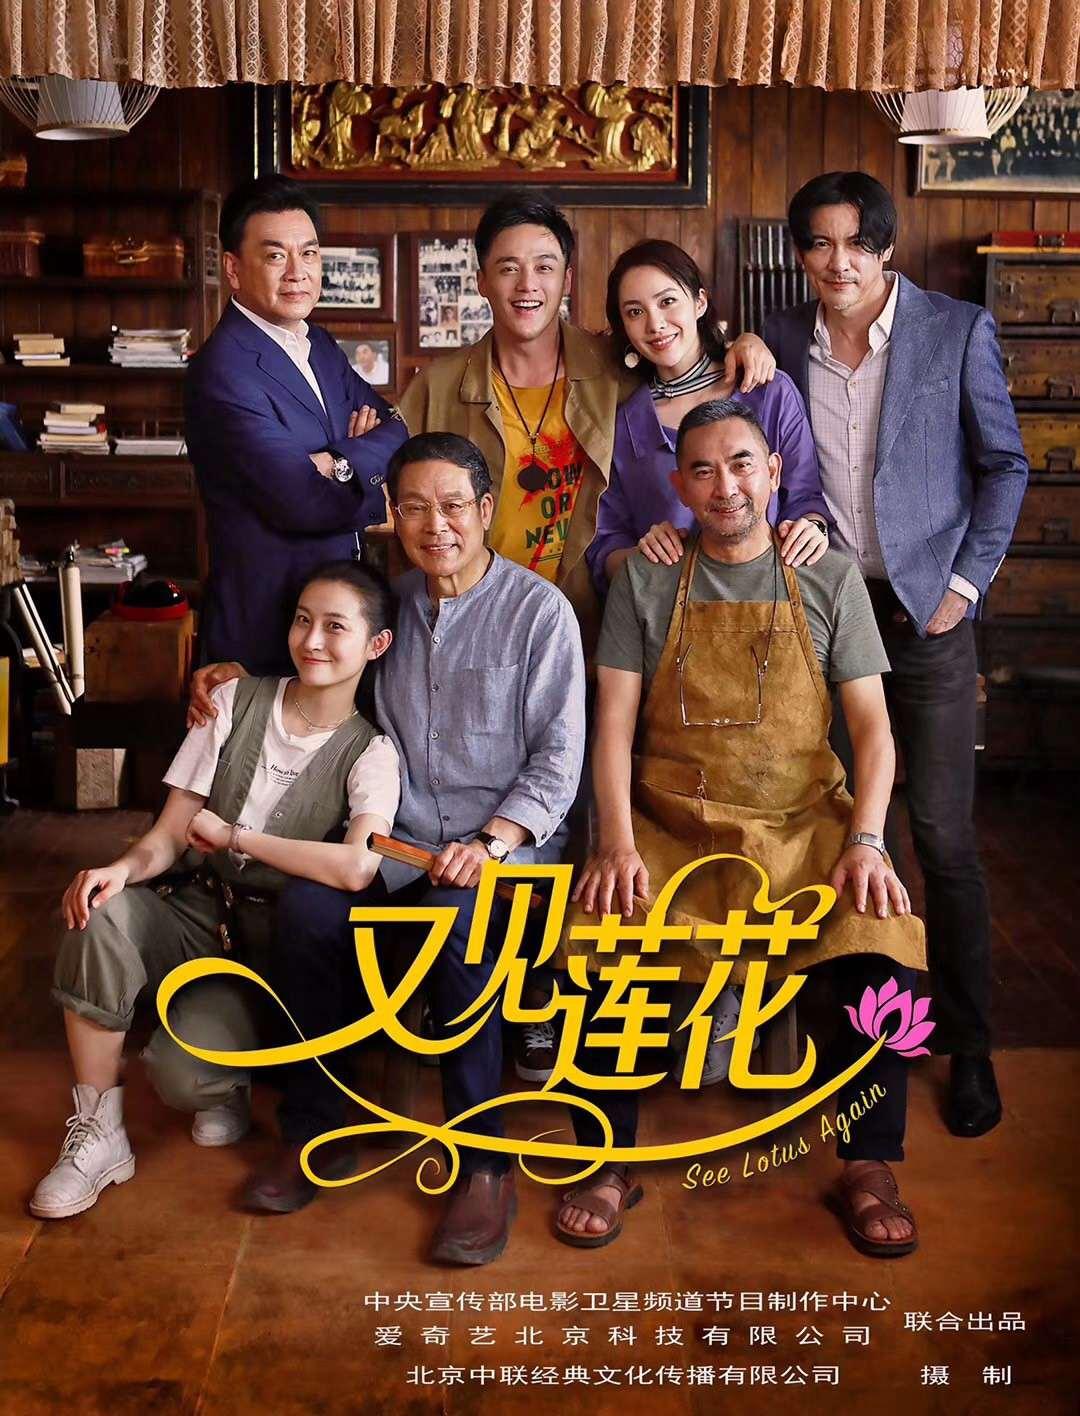 电影《又见莲花》今日上映20周年纪念杨电影回顾